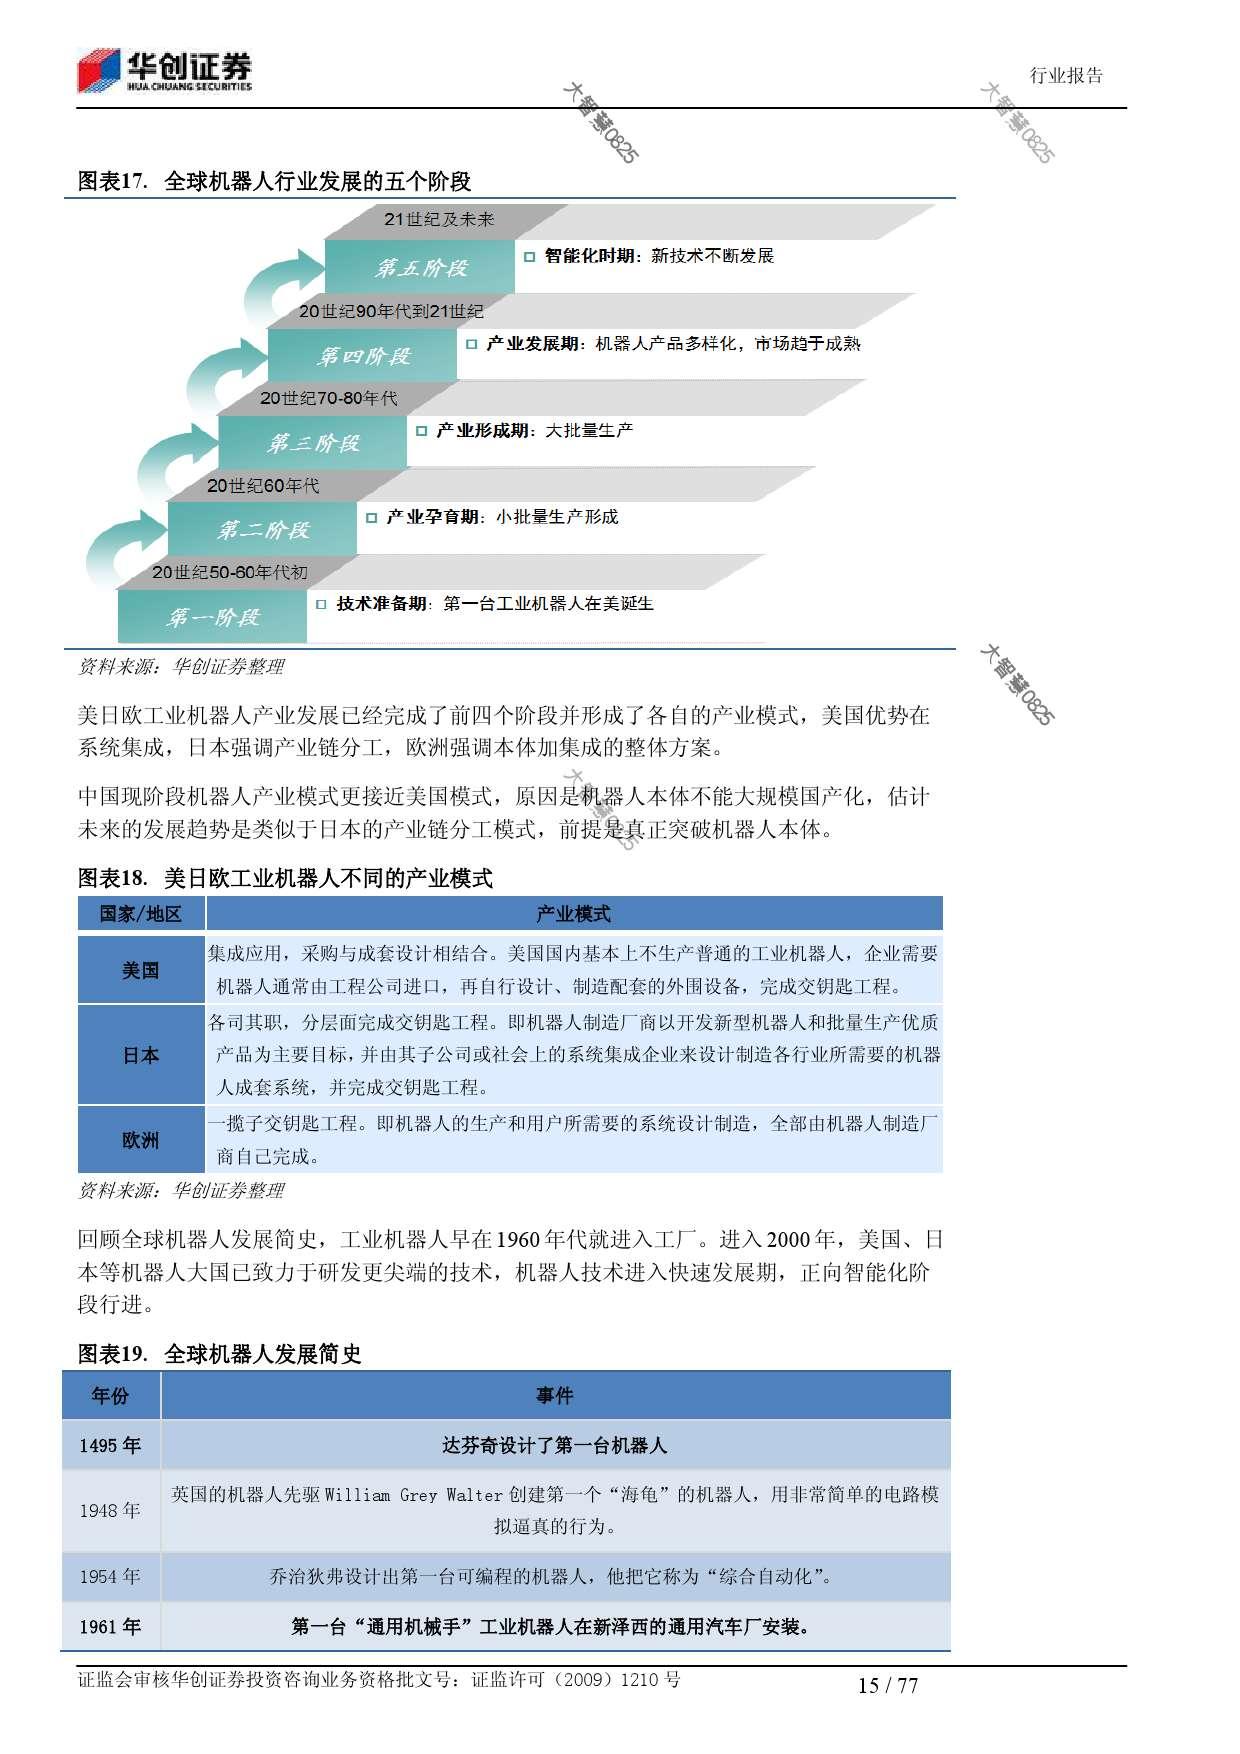 行业研究_华创证券_刘国清,鲁佩_机械设备:机器人大趋势_2014021_000015